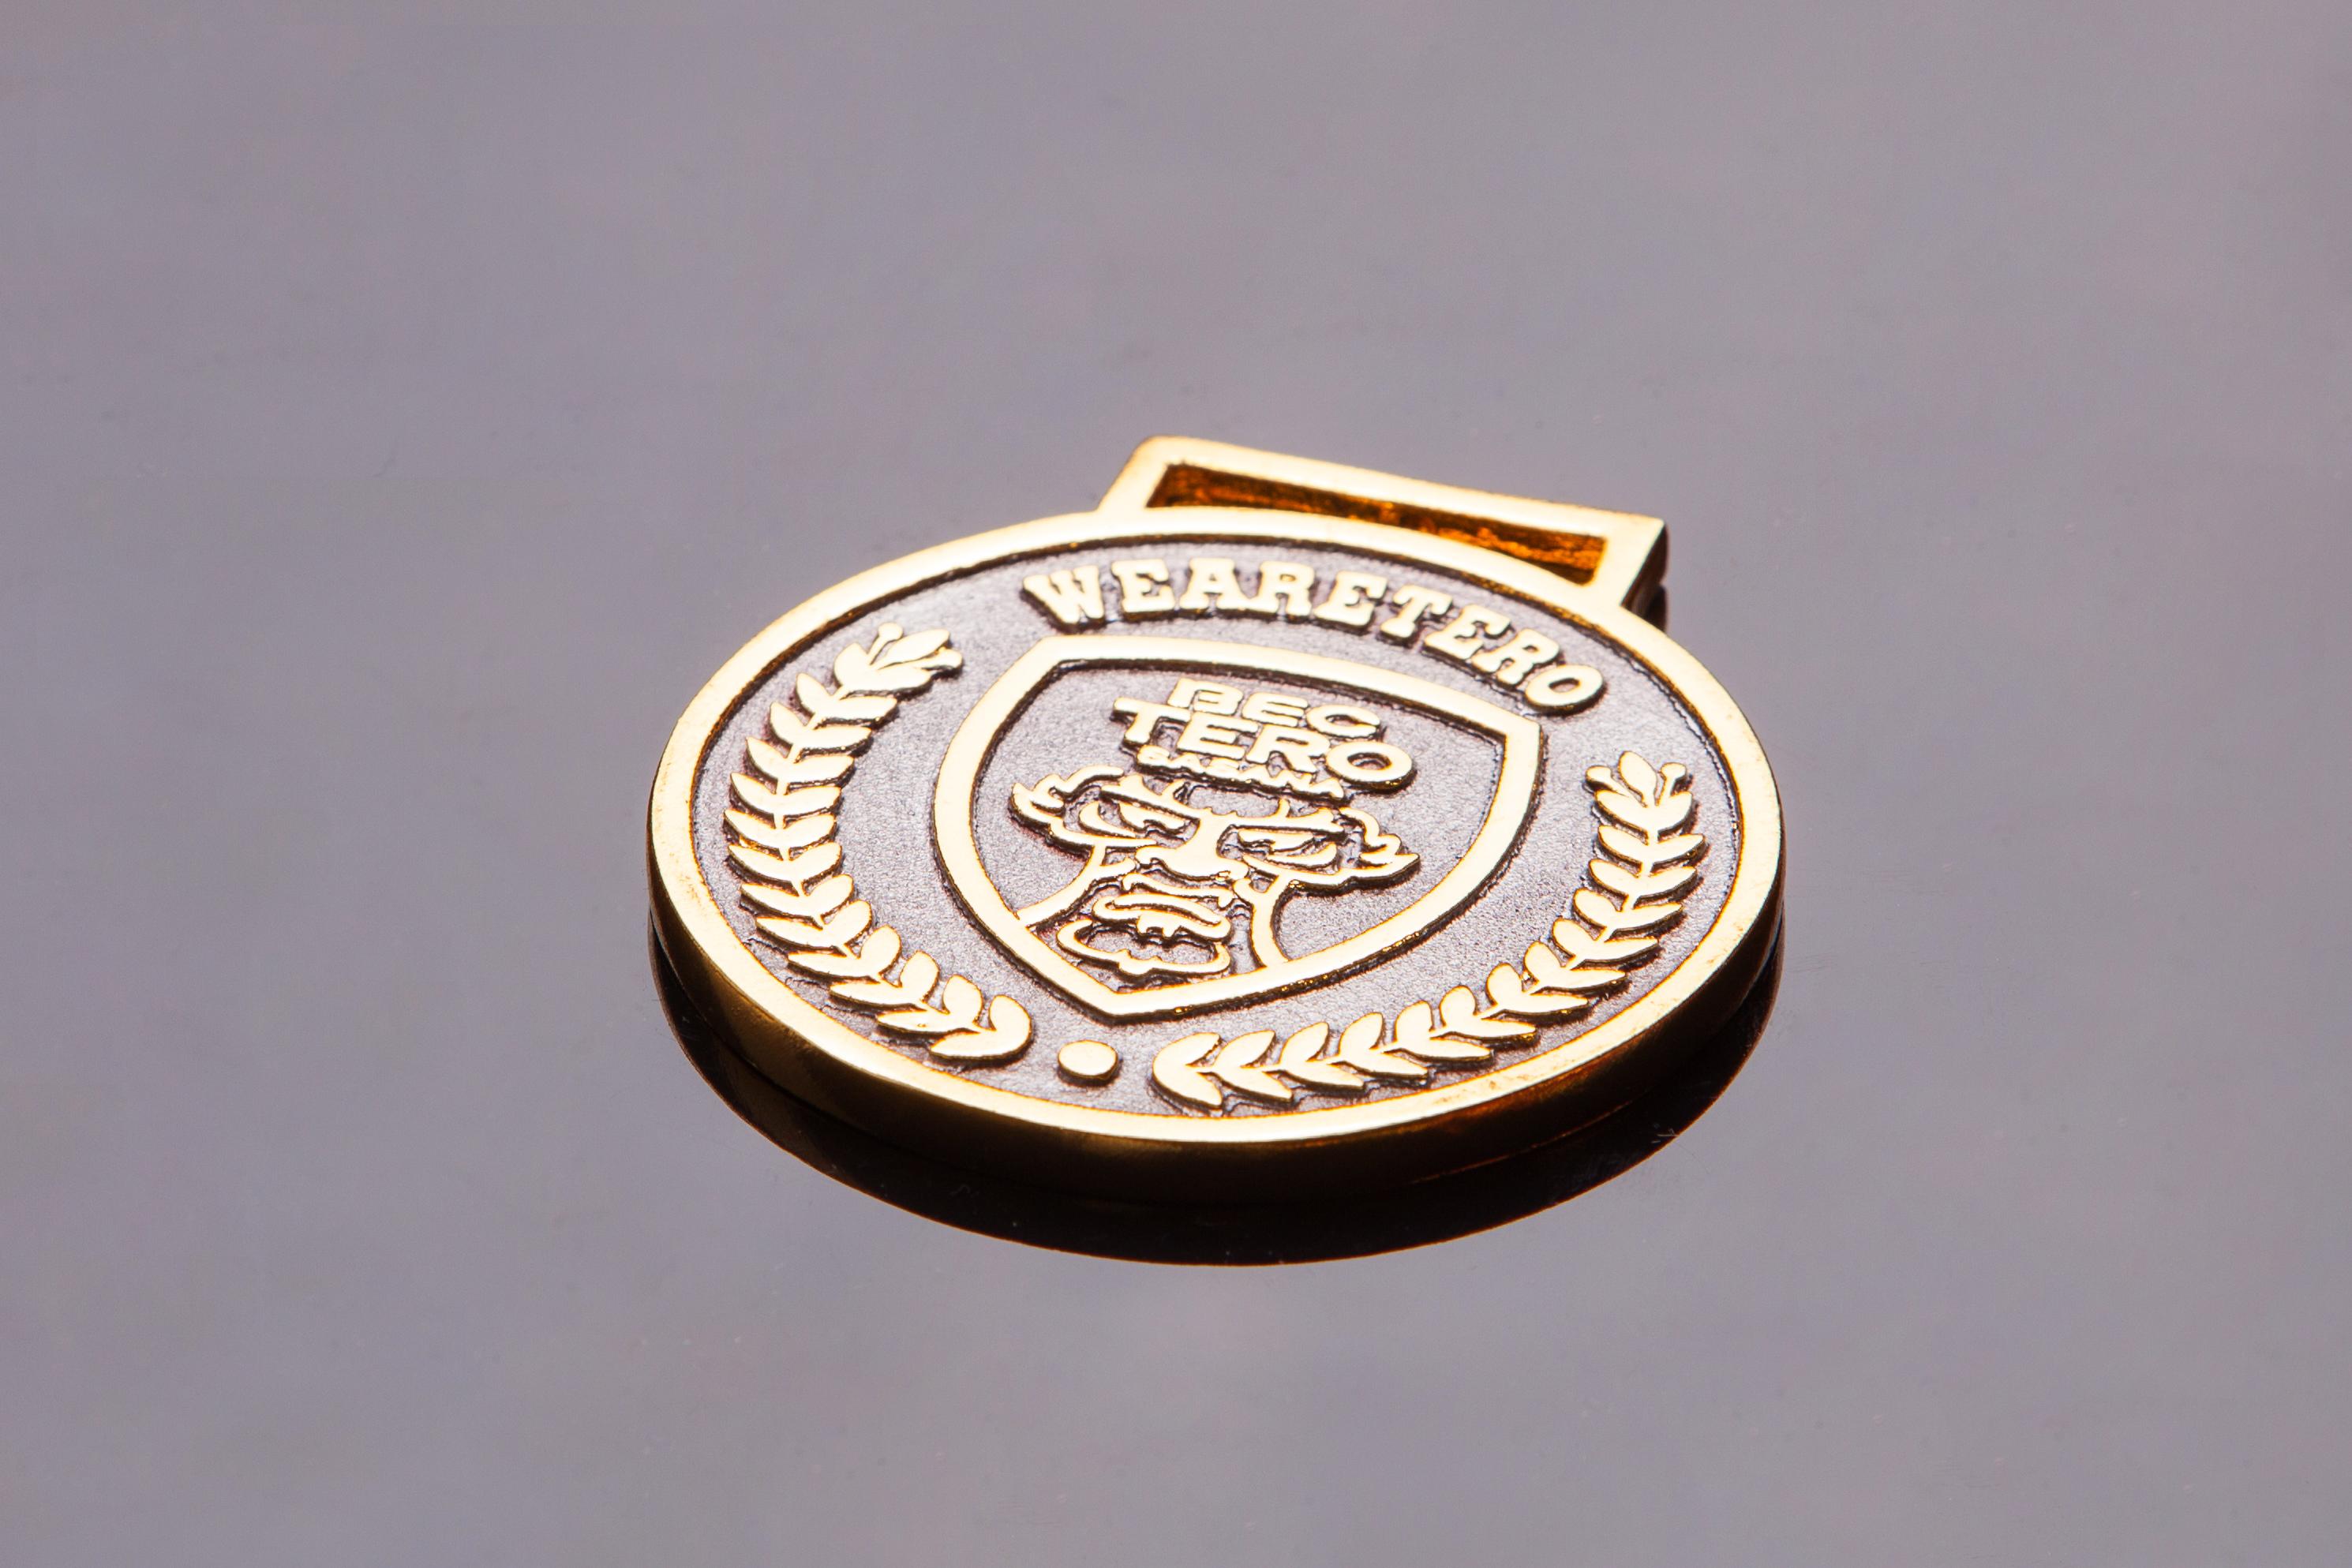 เหรียญตะกั่วสีทอง G005